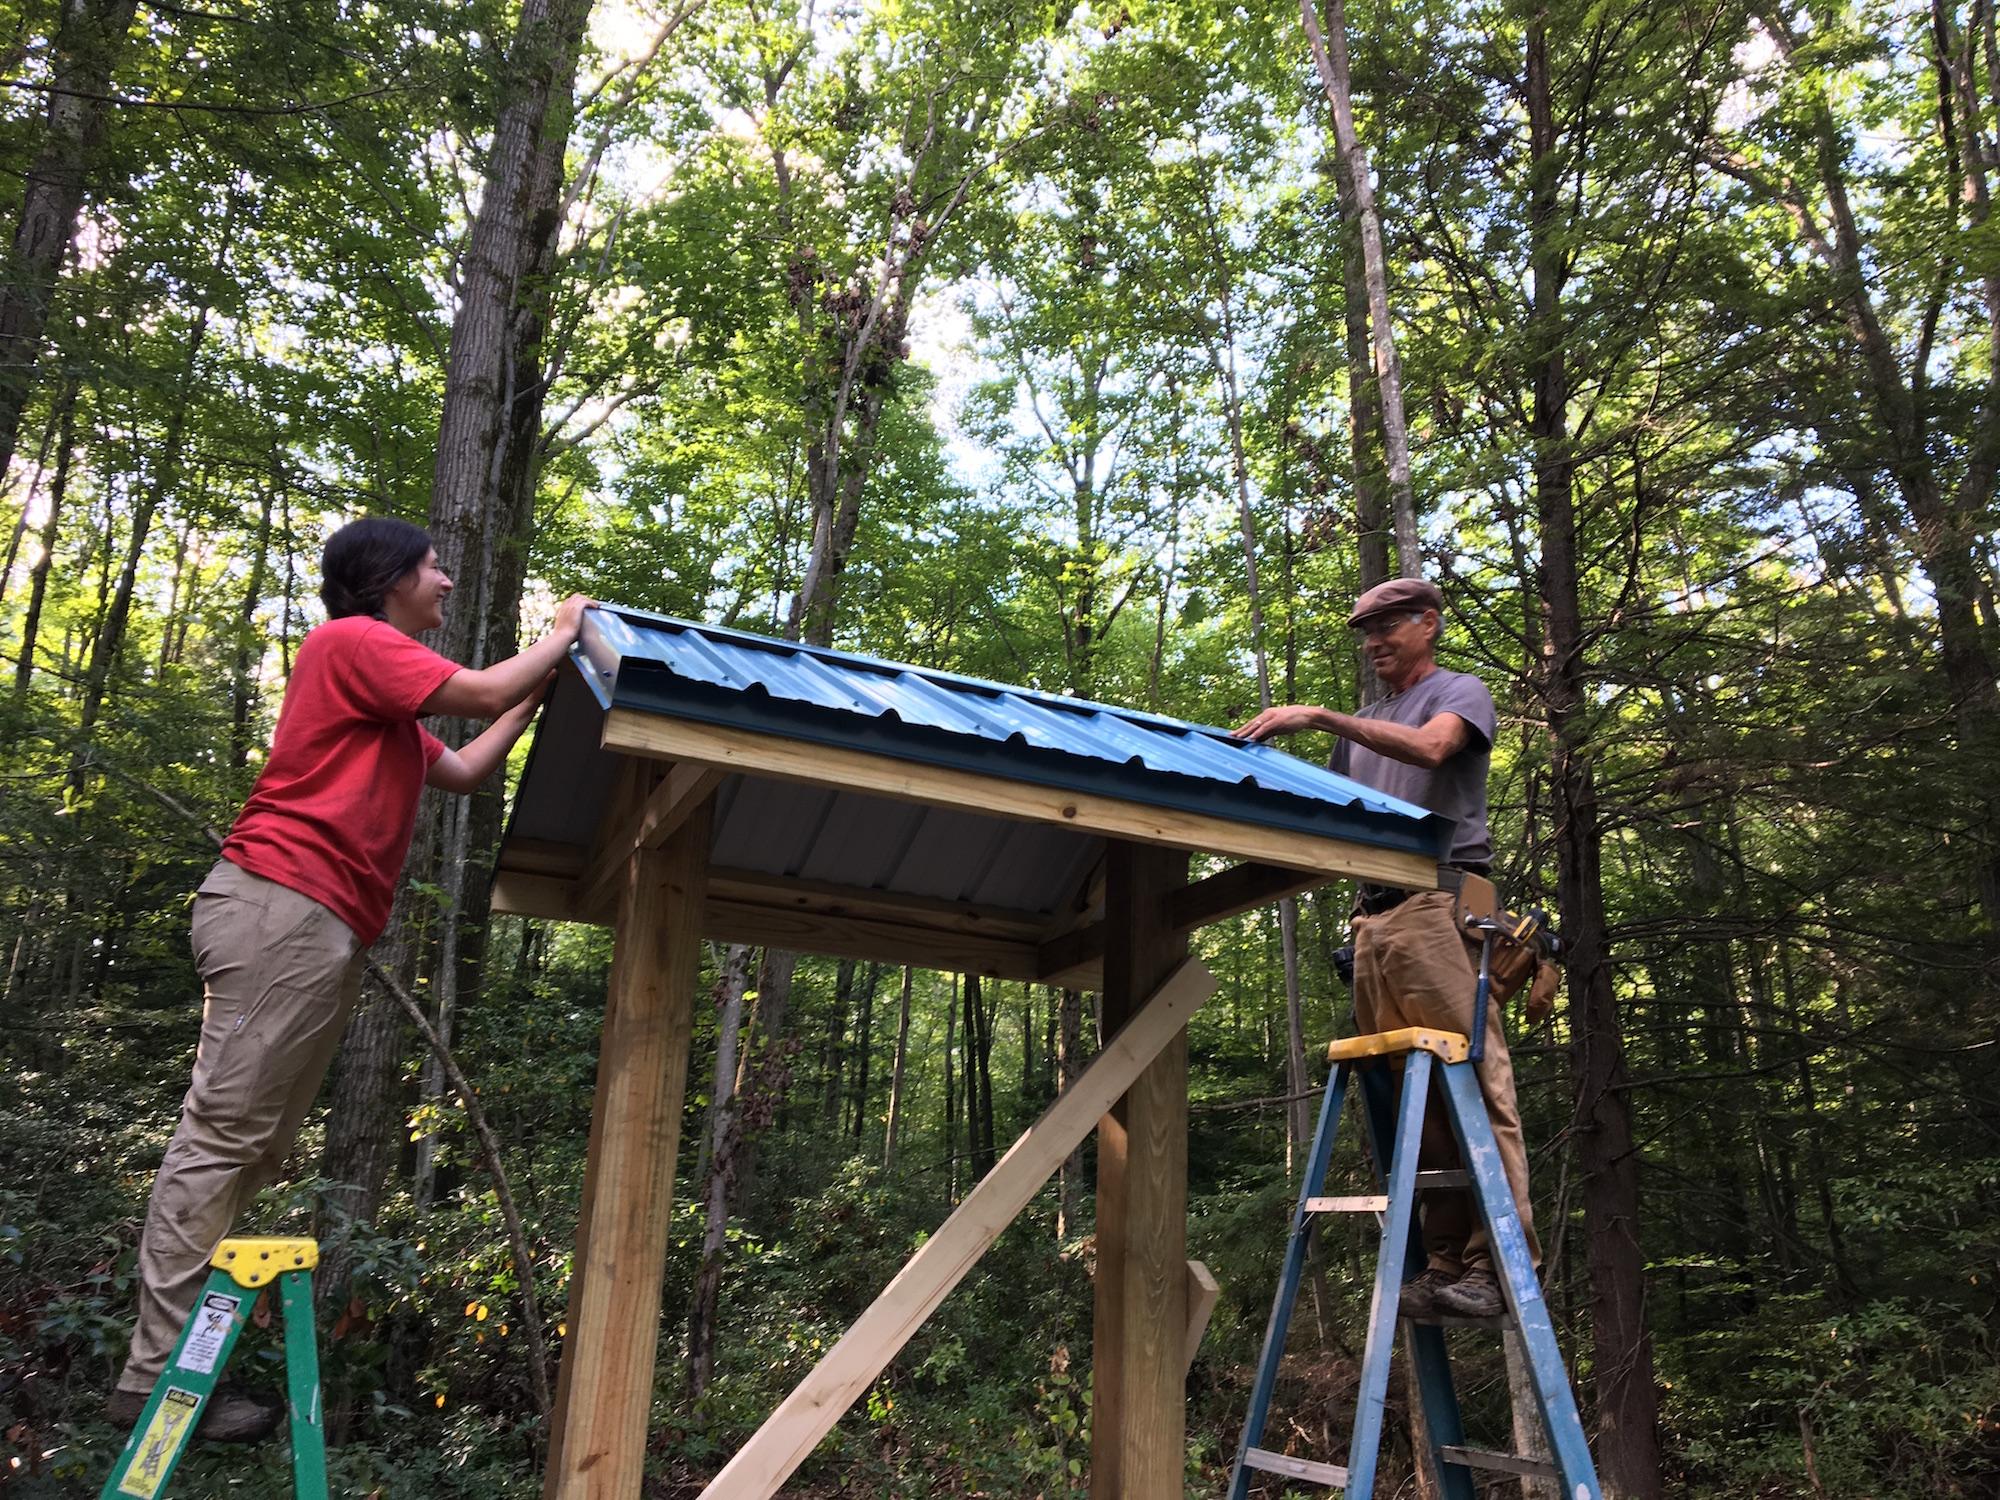 Volunteers on ladders building kiosk